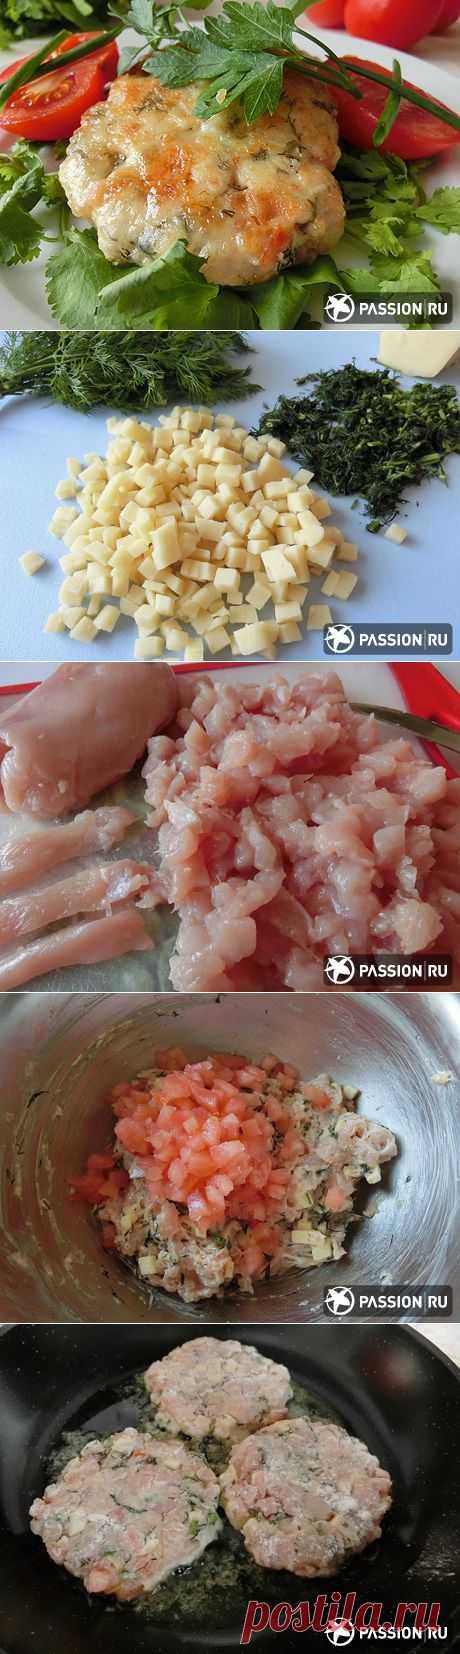 Куриные оладьи с сыром и помидором | passion.ru